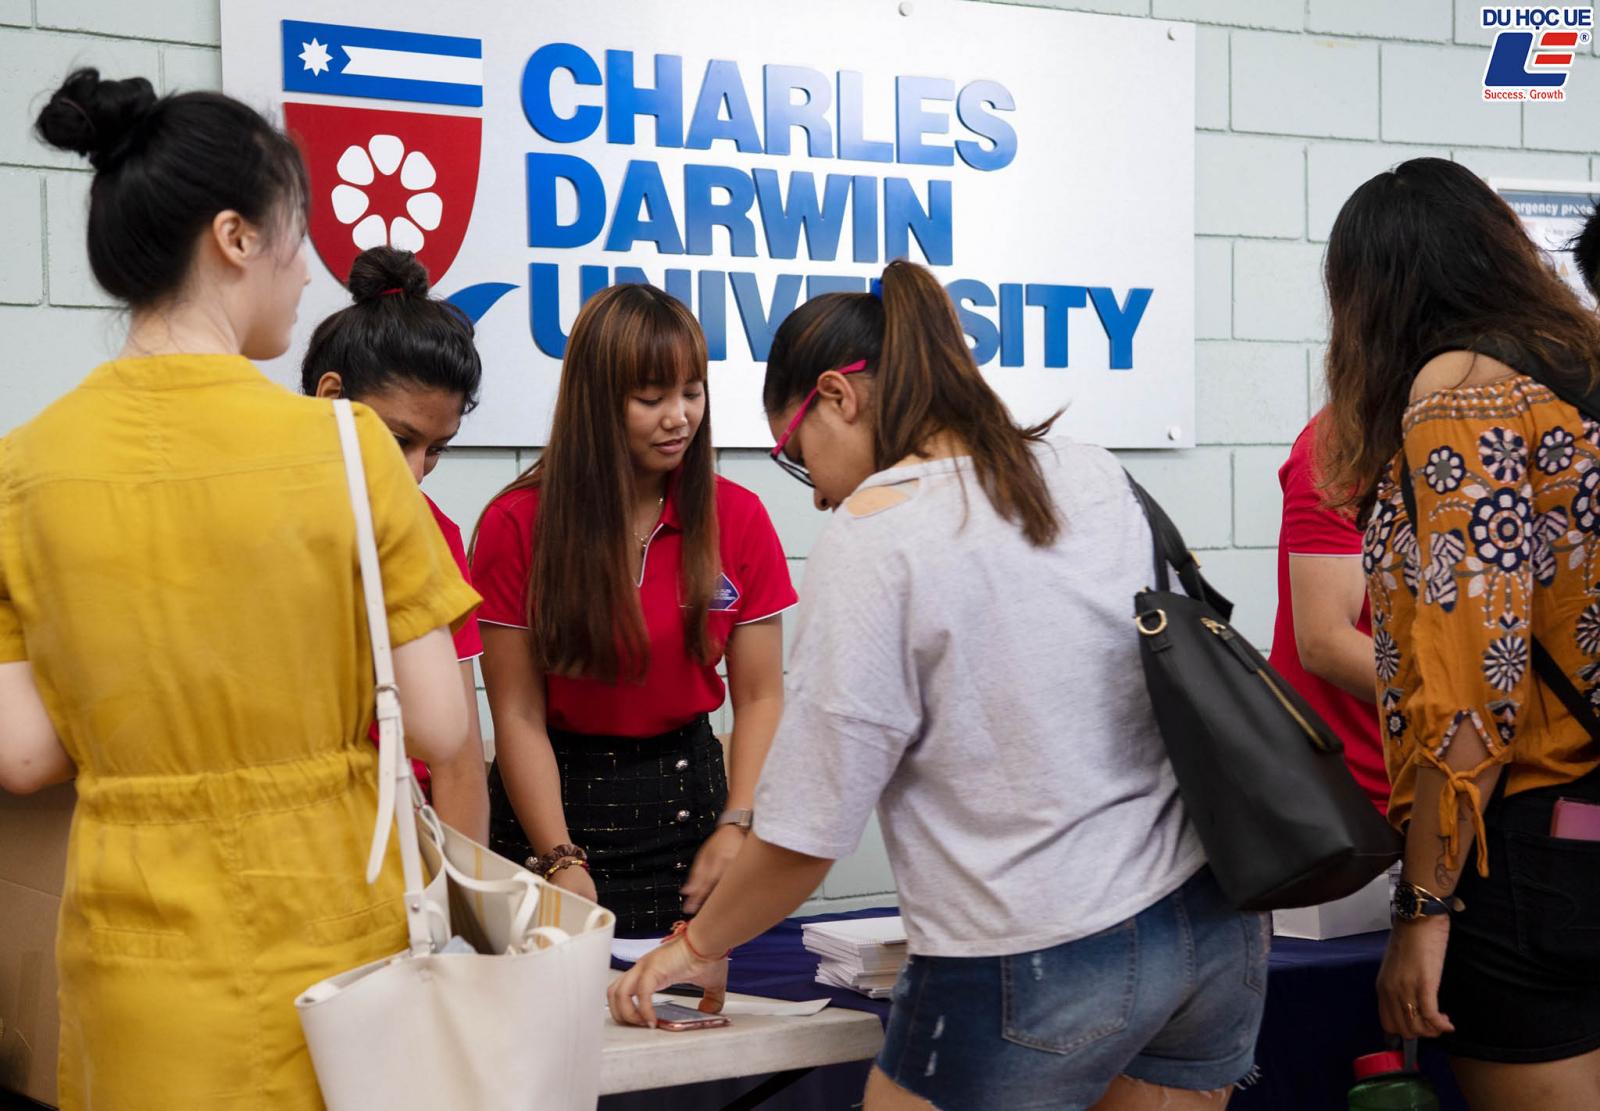 Thiên đường học bổng lên đến 100% dễ dàng tại Charlles Darwin University 2